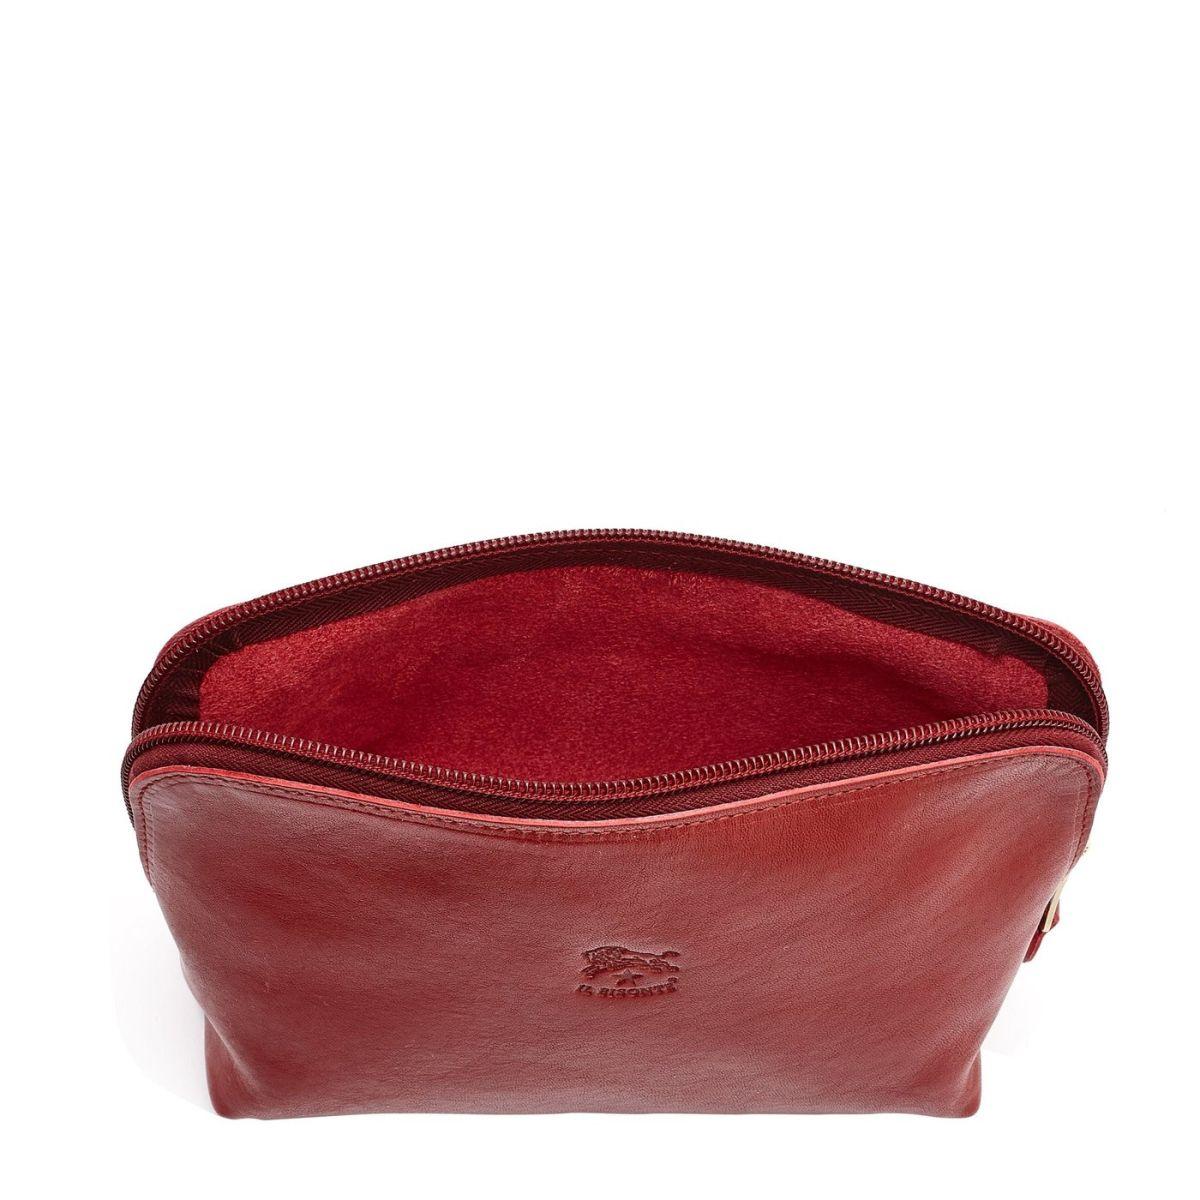 Étui pour Femme  en Cuir De Vachette Doublé SCA033 couleur Rouge | Details